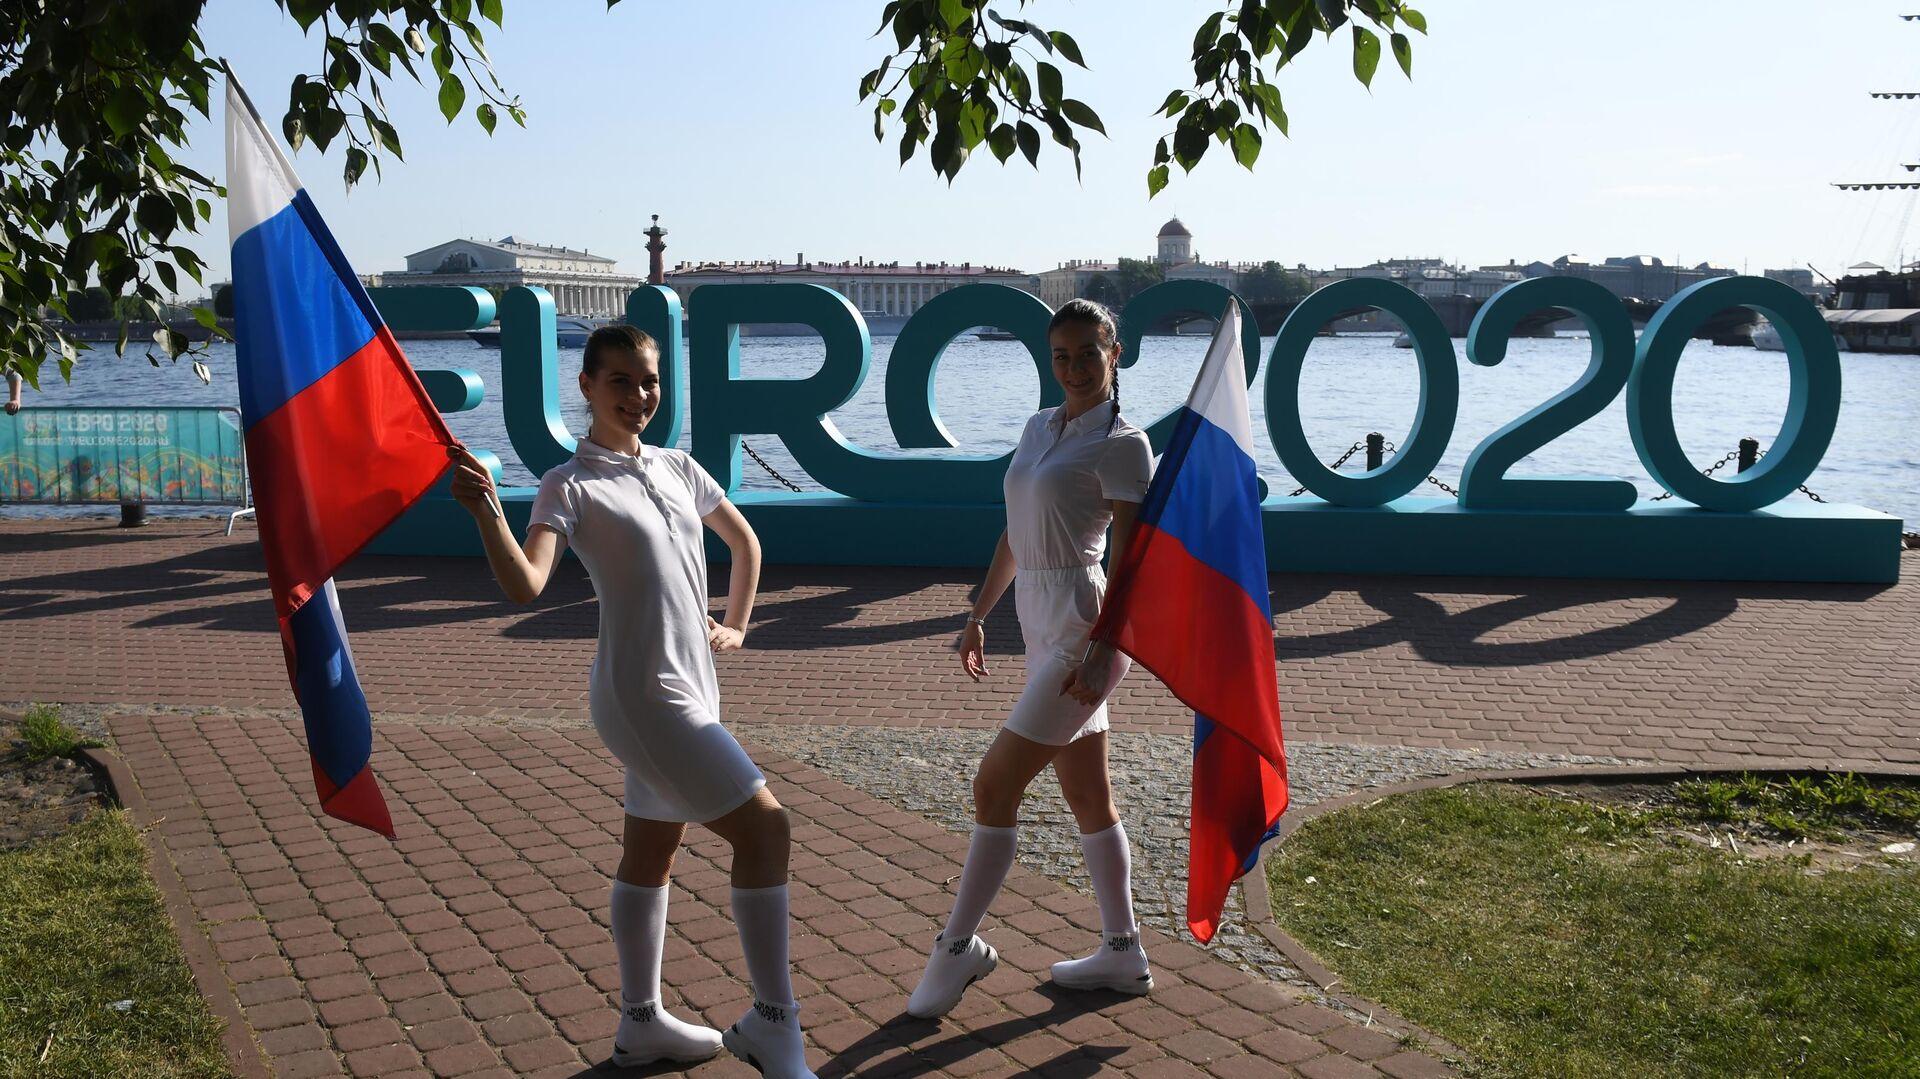 Открытие парка футбола Евро-2020 в Санкт-Петербурге  - РИА Новости, 1920, 20.05.2021